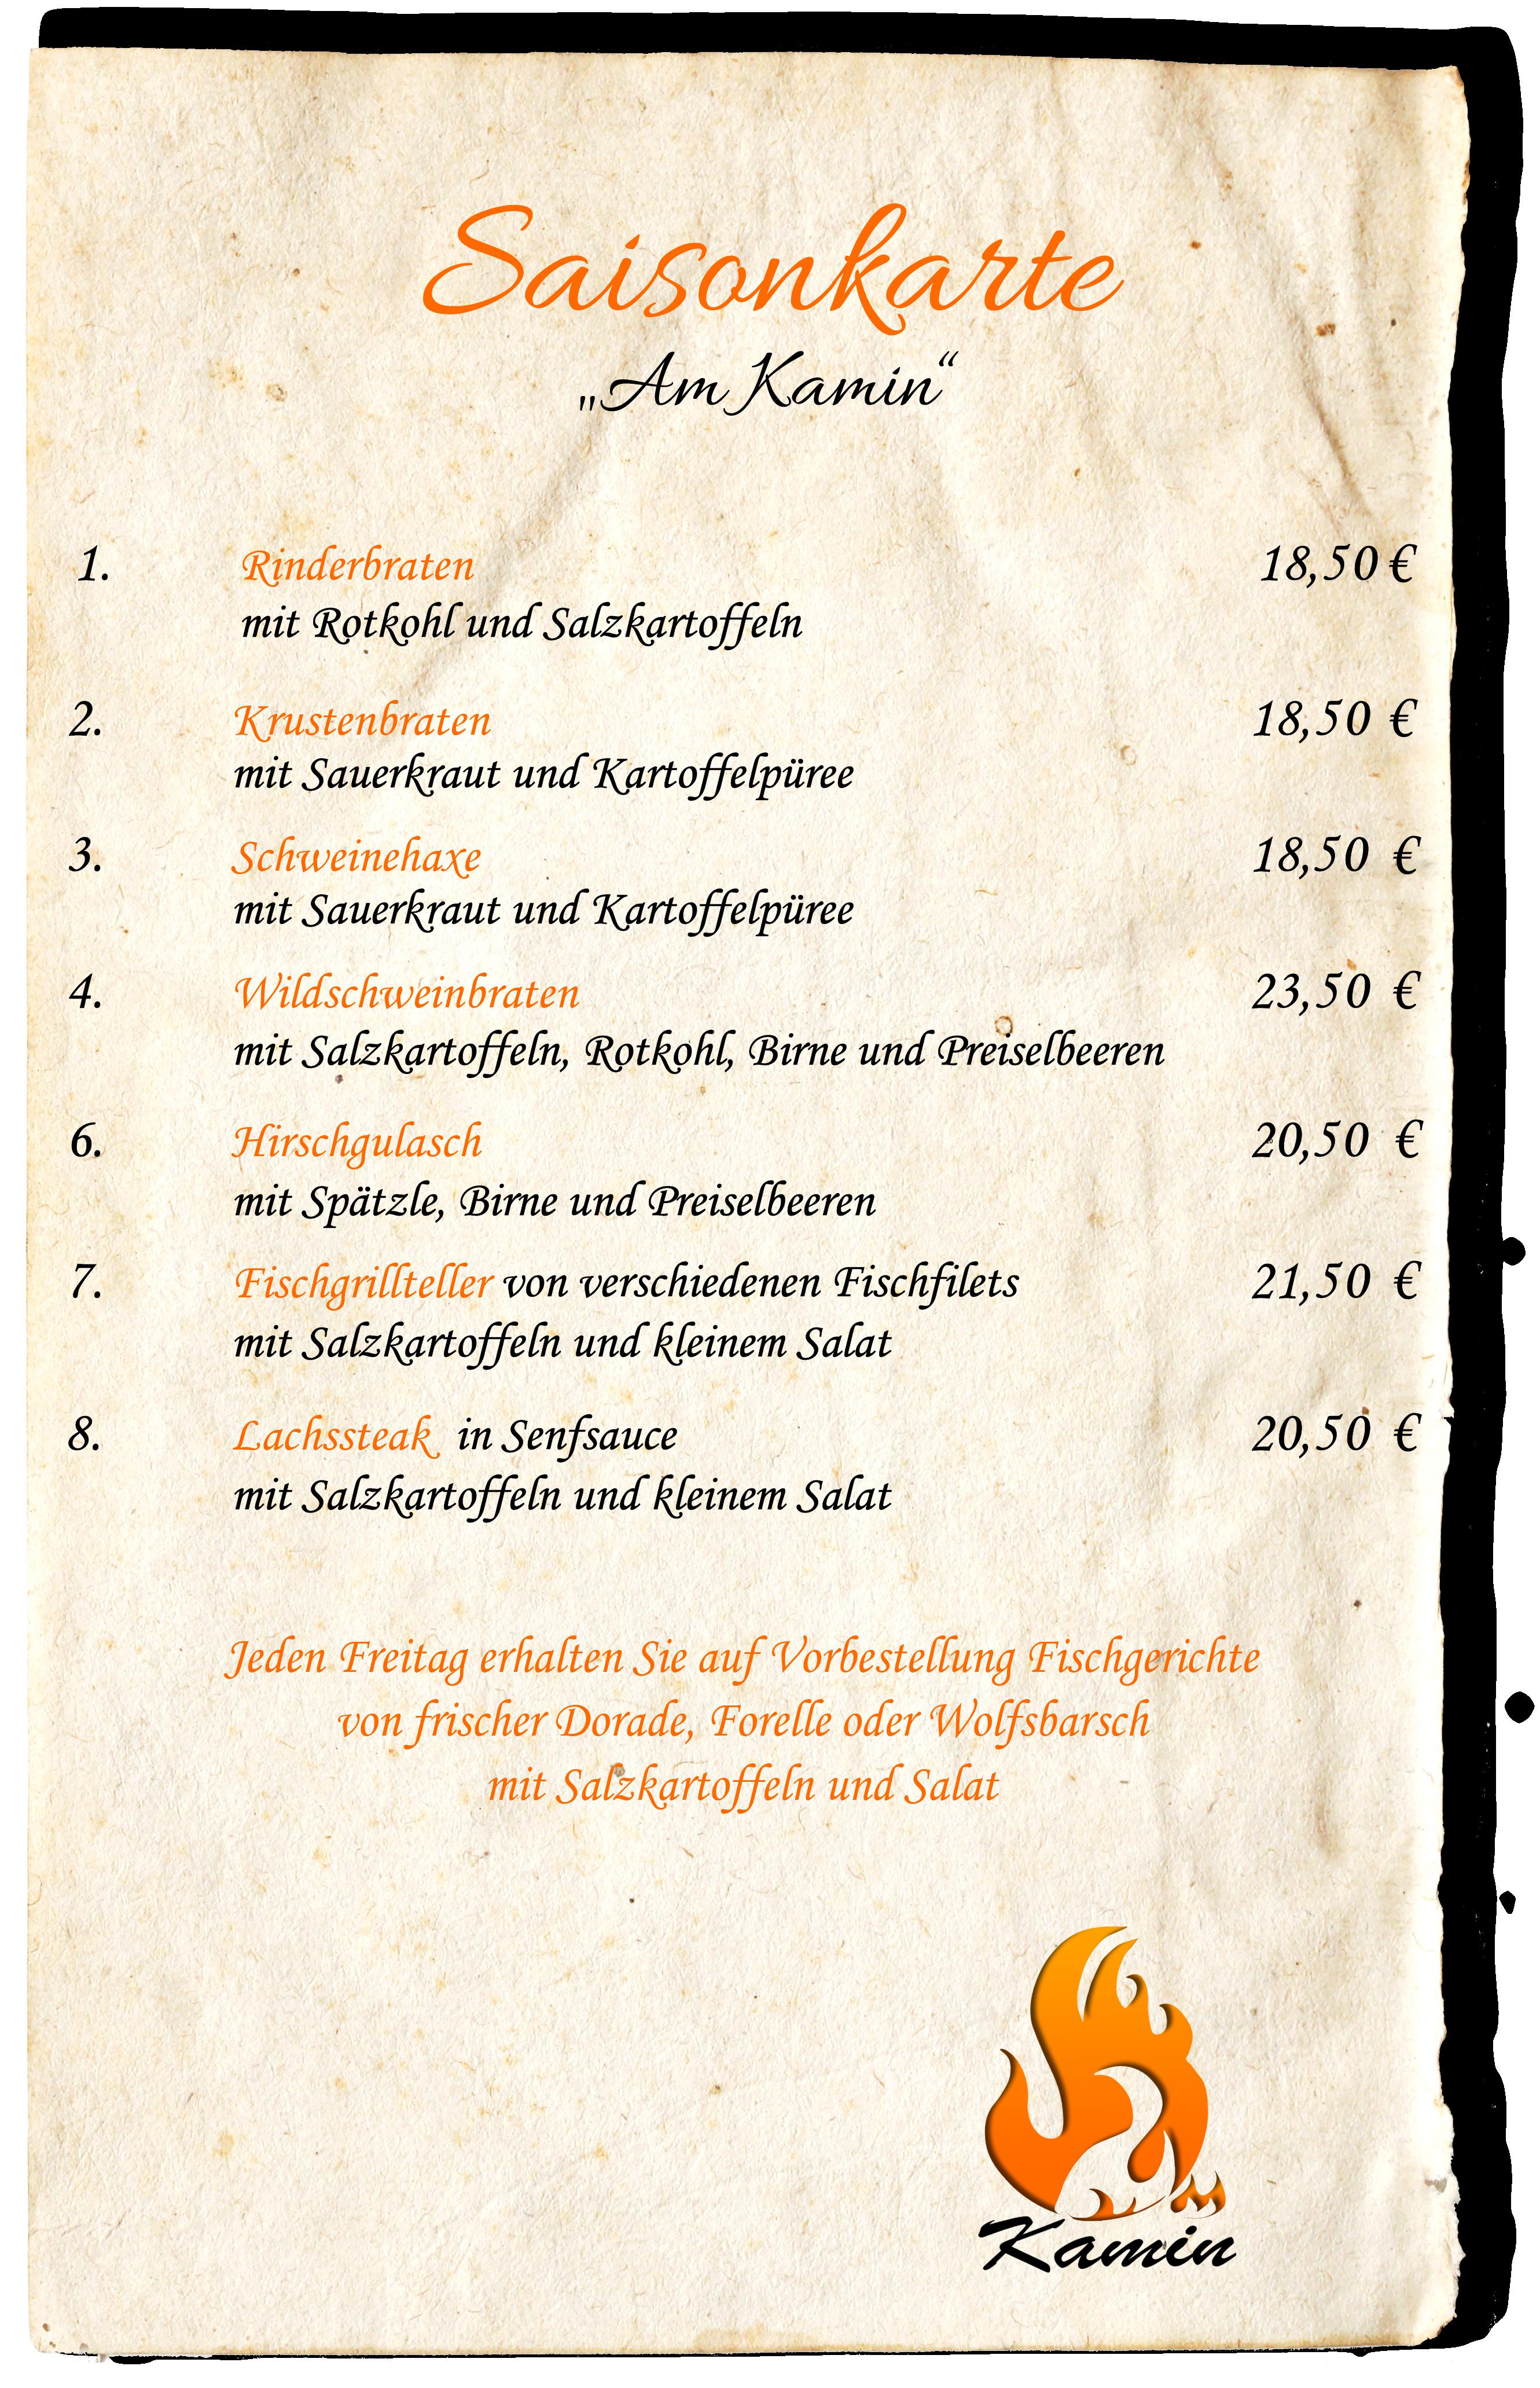 Pfifferlinge Am Kamin Restaurant Monheim